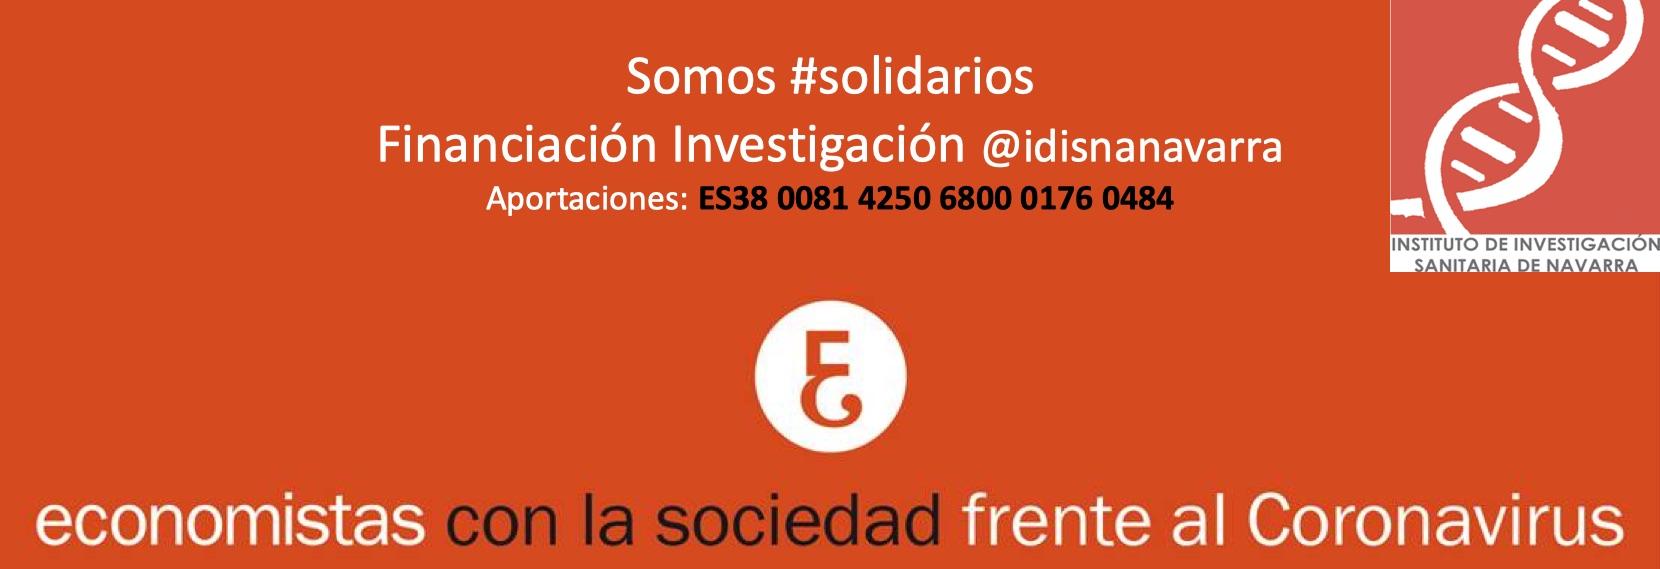 #JuntosLoSuperaremos